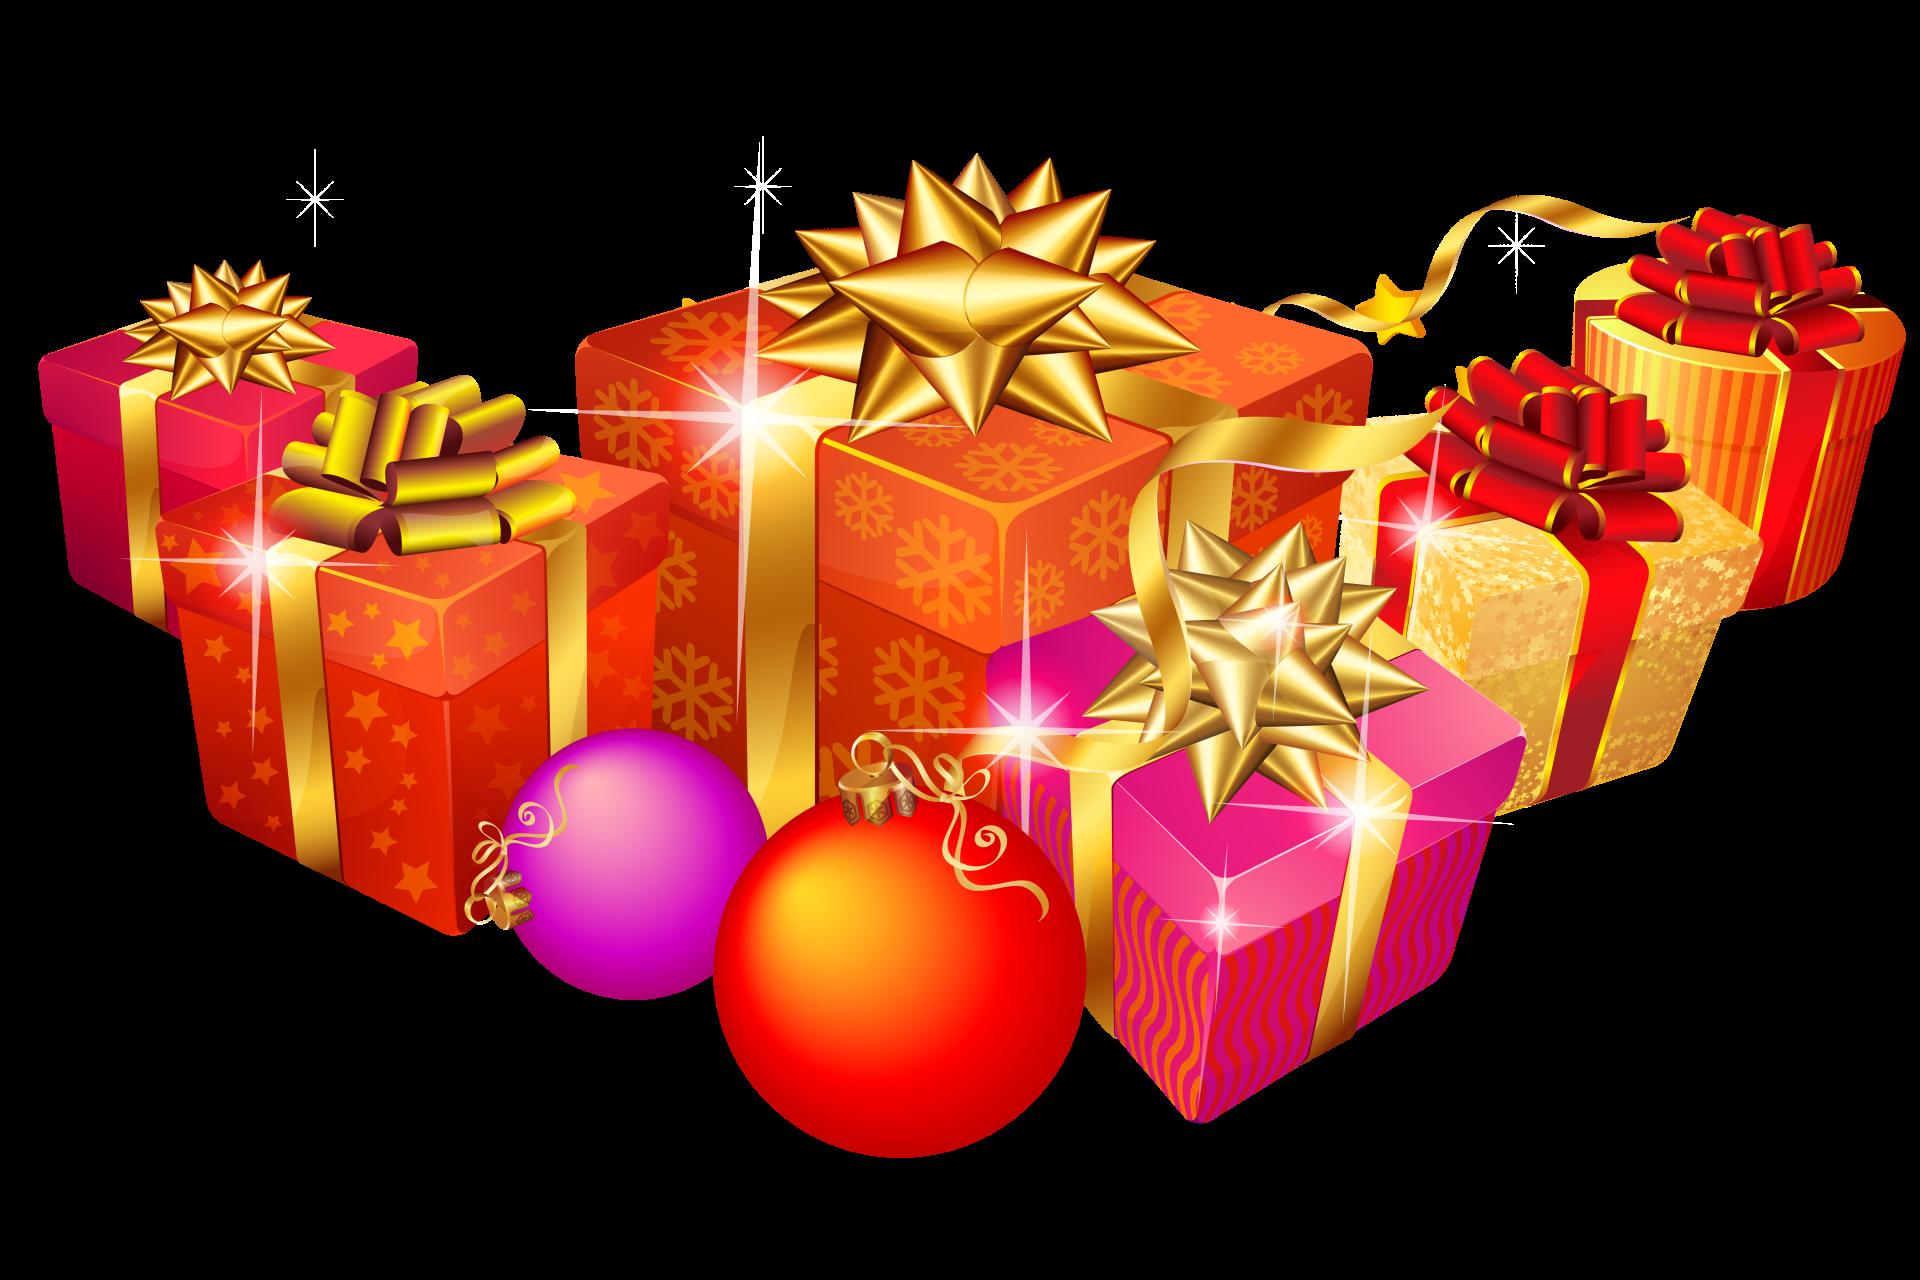 Подарки новогодние картинка для детей